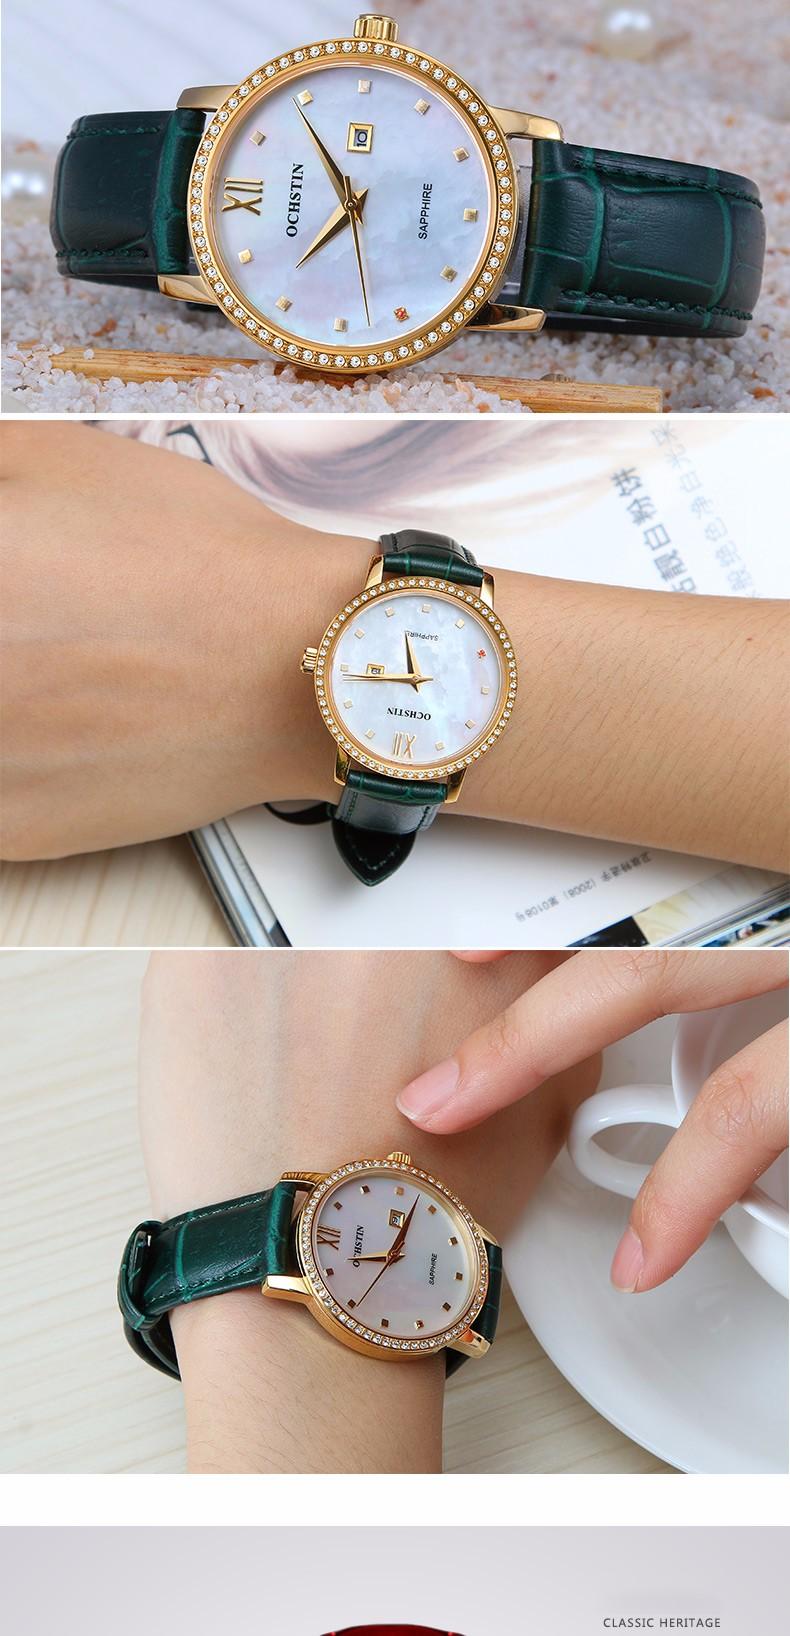 Классический Моды Случайные Платье Часы Женщины Элегантный Кварц Алмаз Наручные Часы Дамы Наручные часы Груша Циферблат Кожаный Ремешок